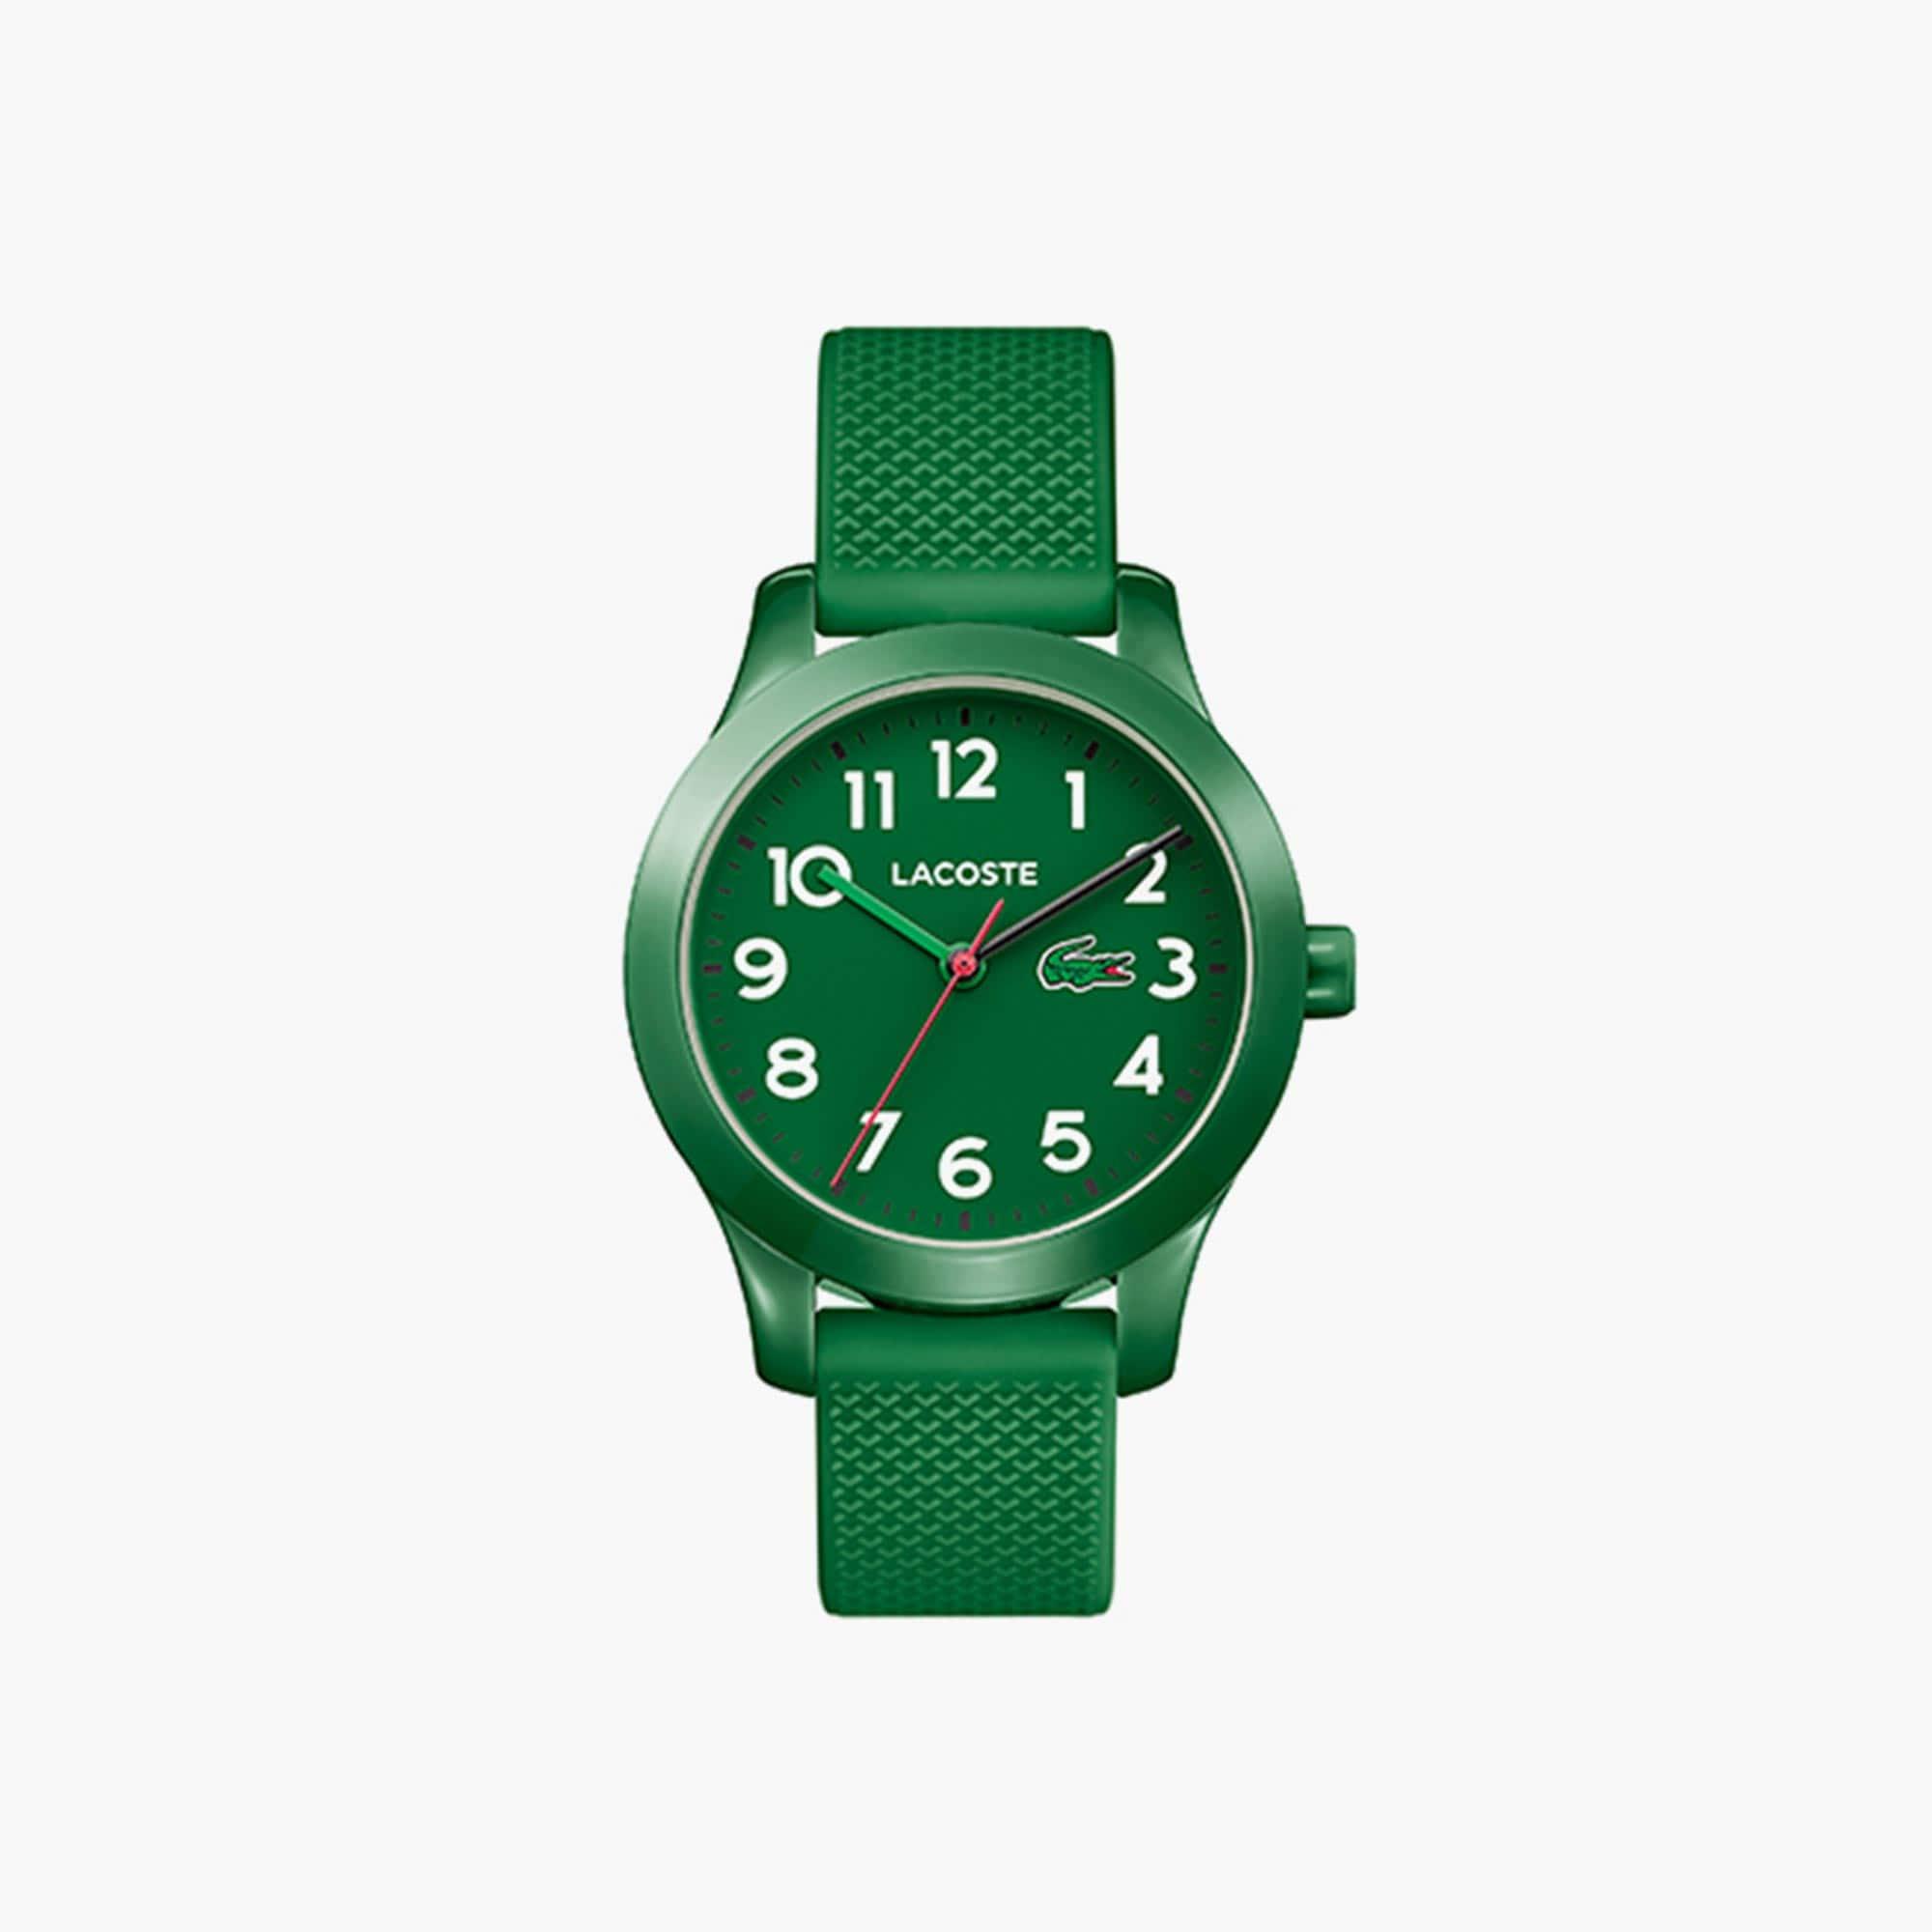 Orologio Lacoste 12.12 da bambino con cinturino in silicone verde